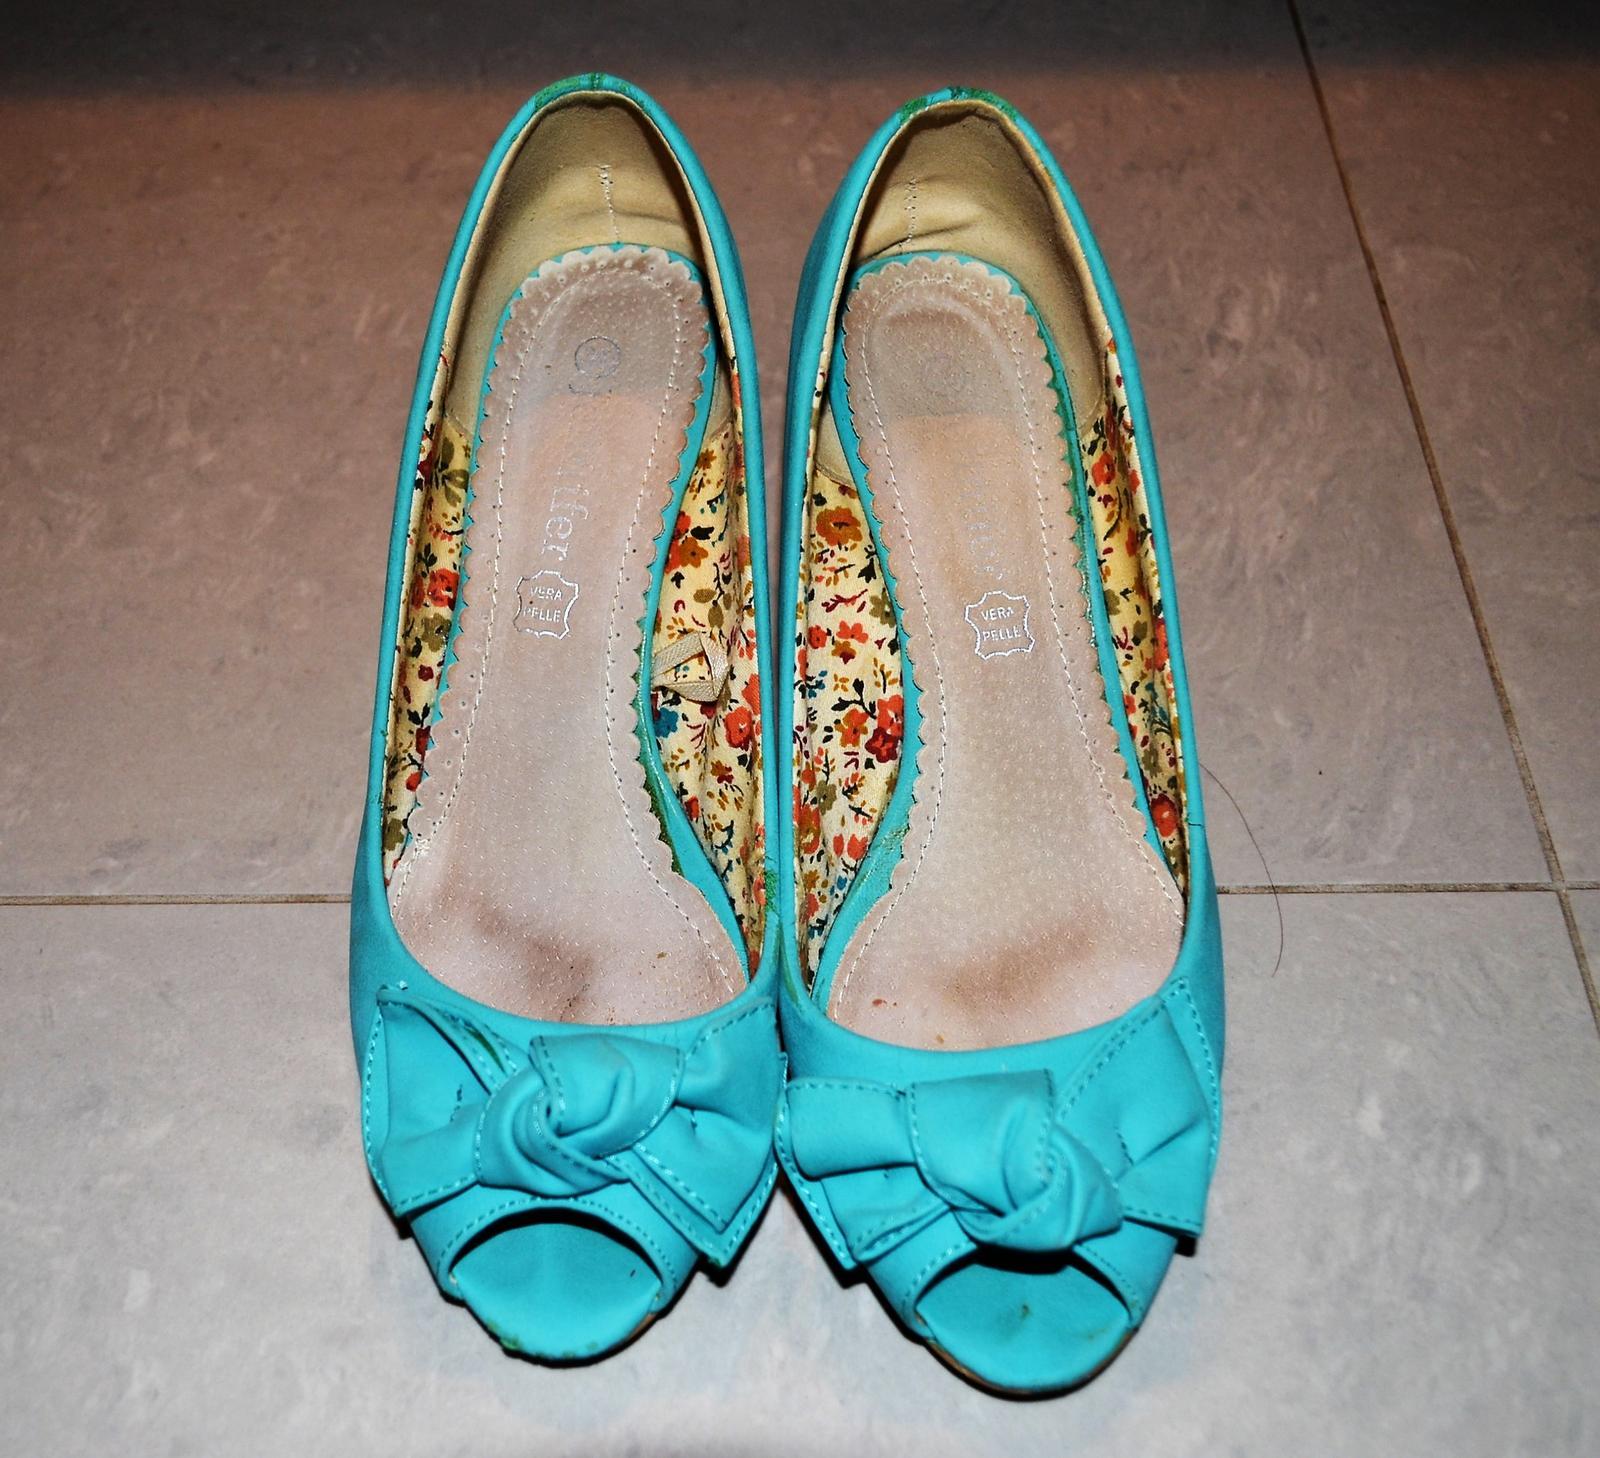 92b2ca8068210 Tyrkysové topánky s otvorenou špicou, 38 - 5 € | Svadobný bazár |  Mojasvadba.sk